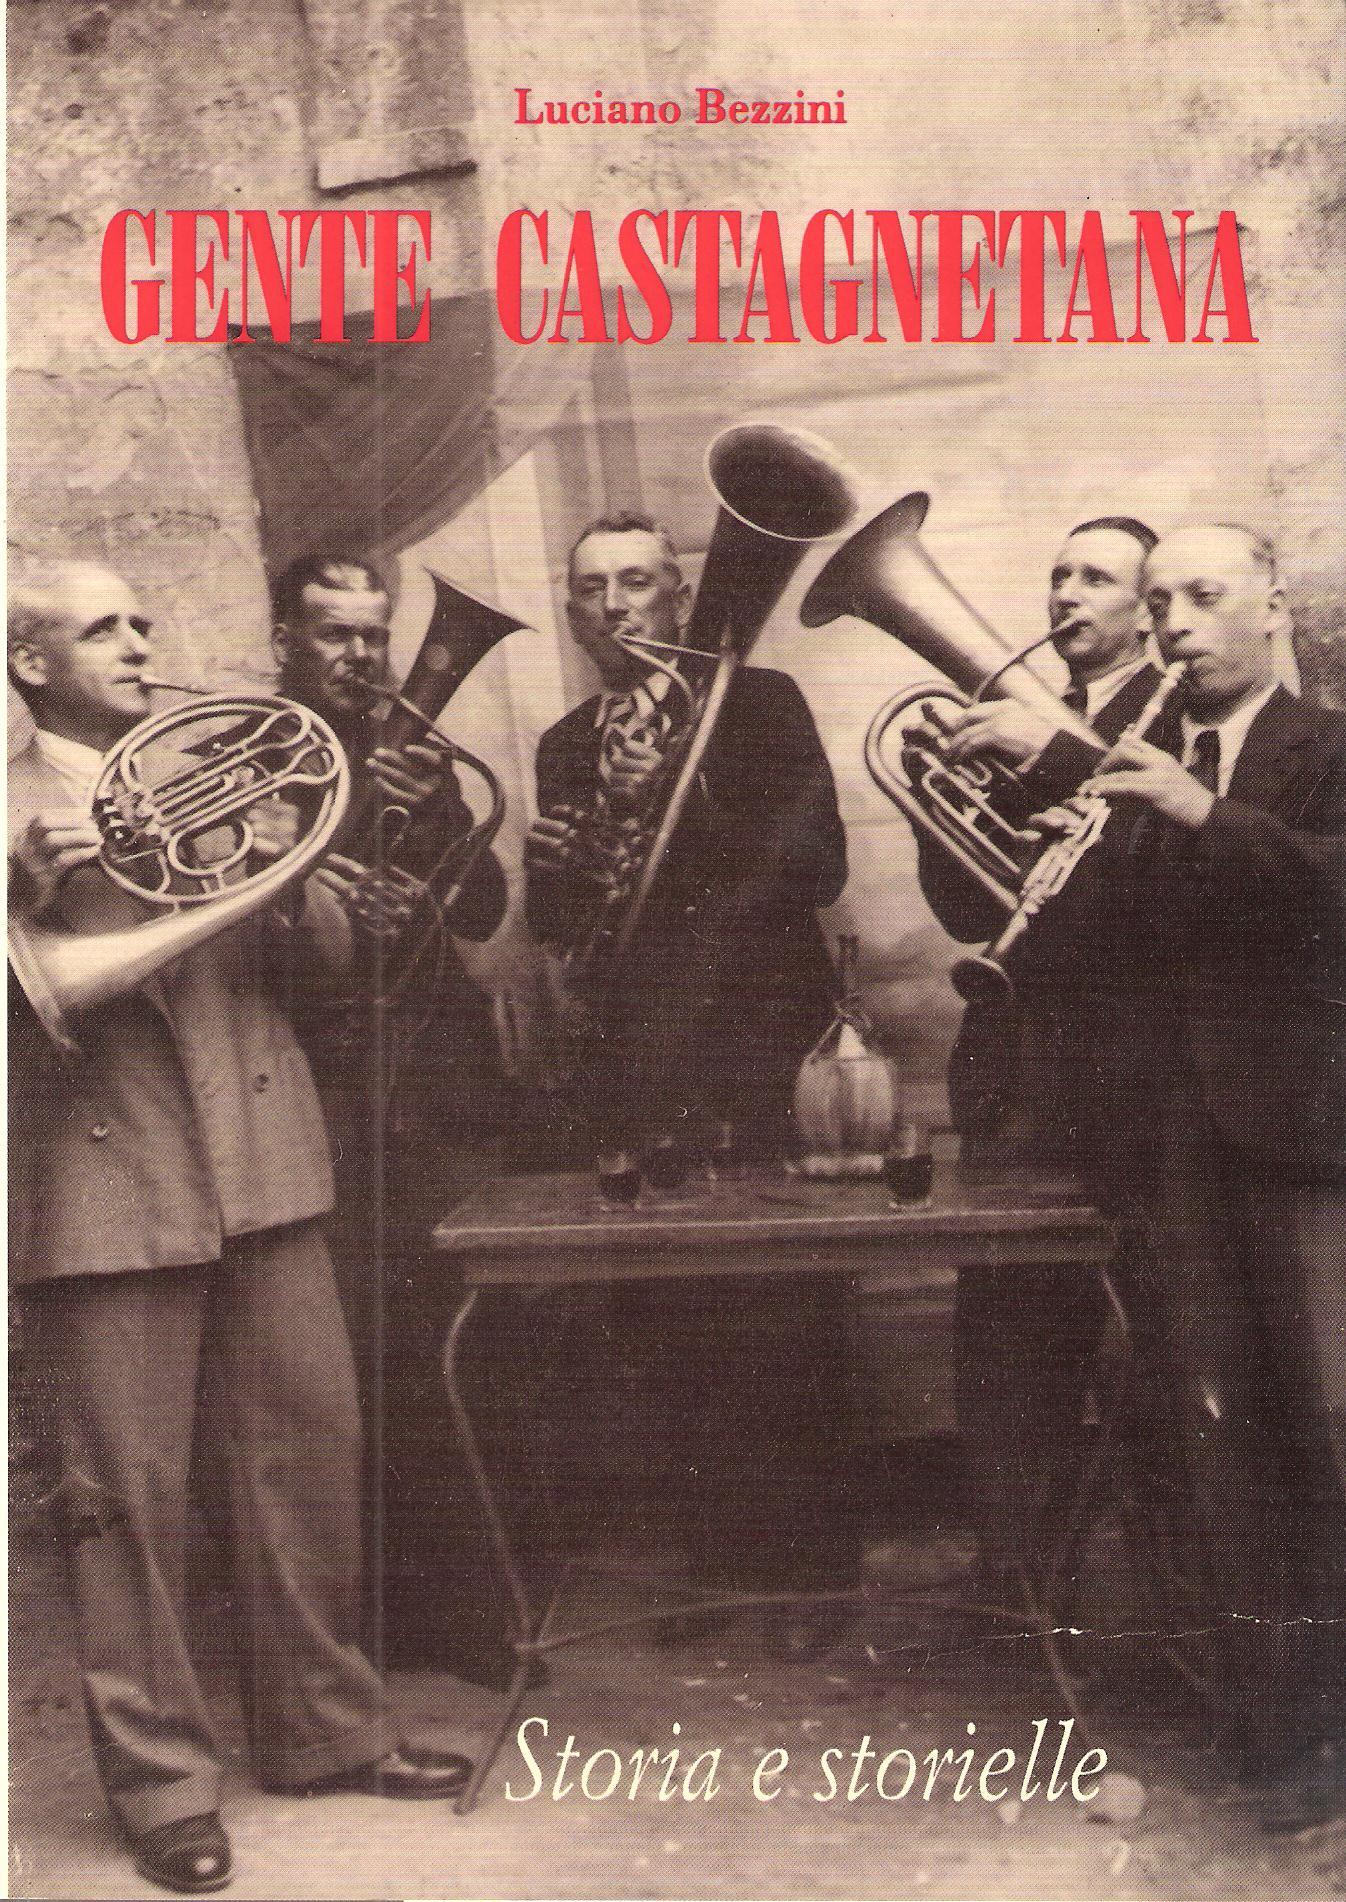 Gente castagnetana